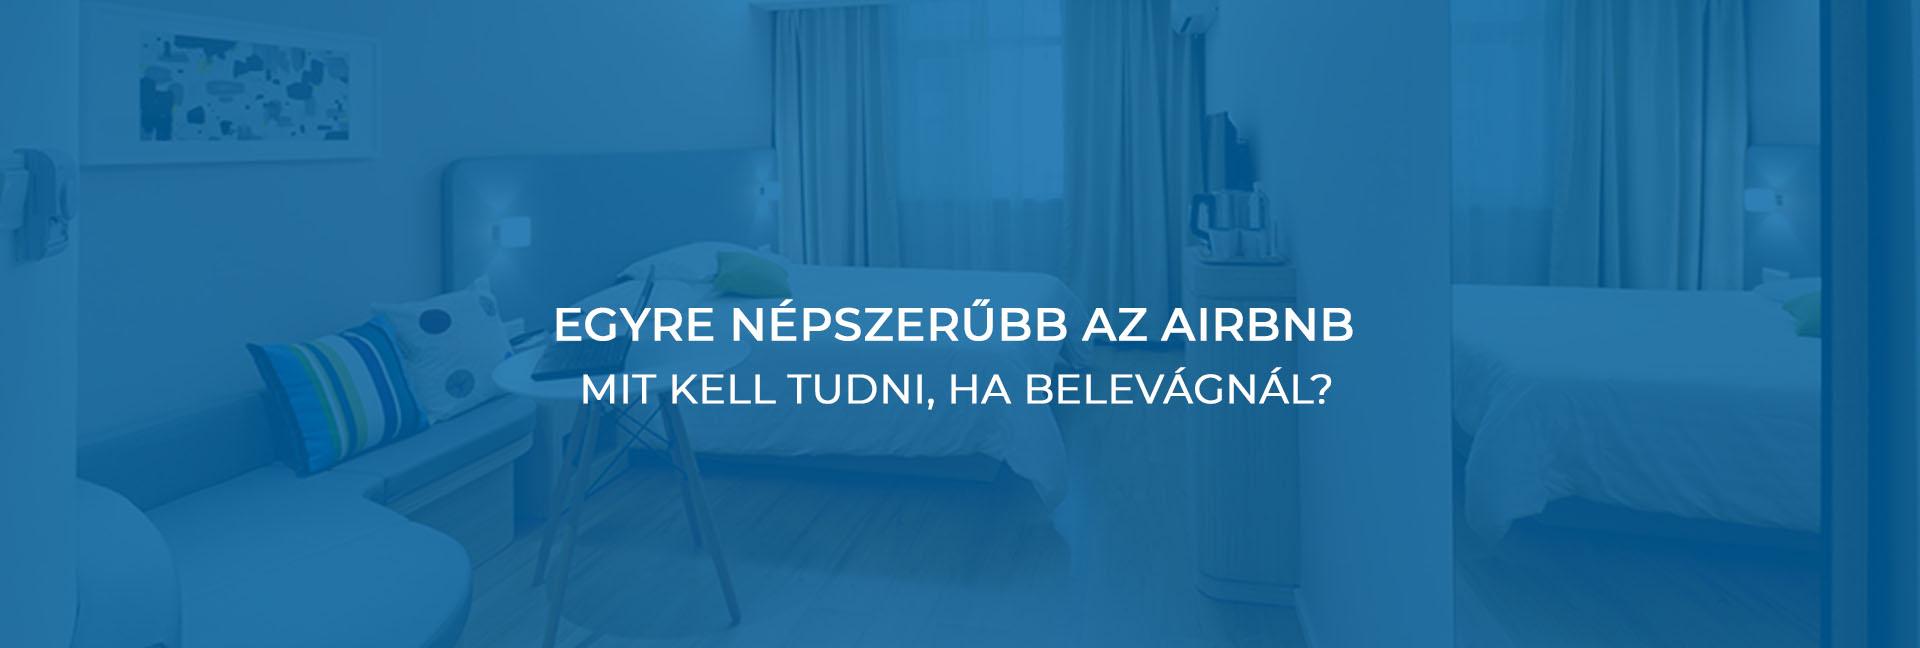 Egyre népszerűbb az Airbnb – mit kell tudni, ha belevágnál?